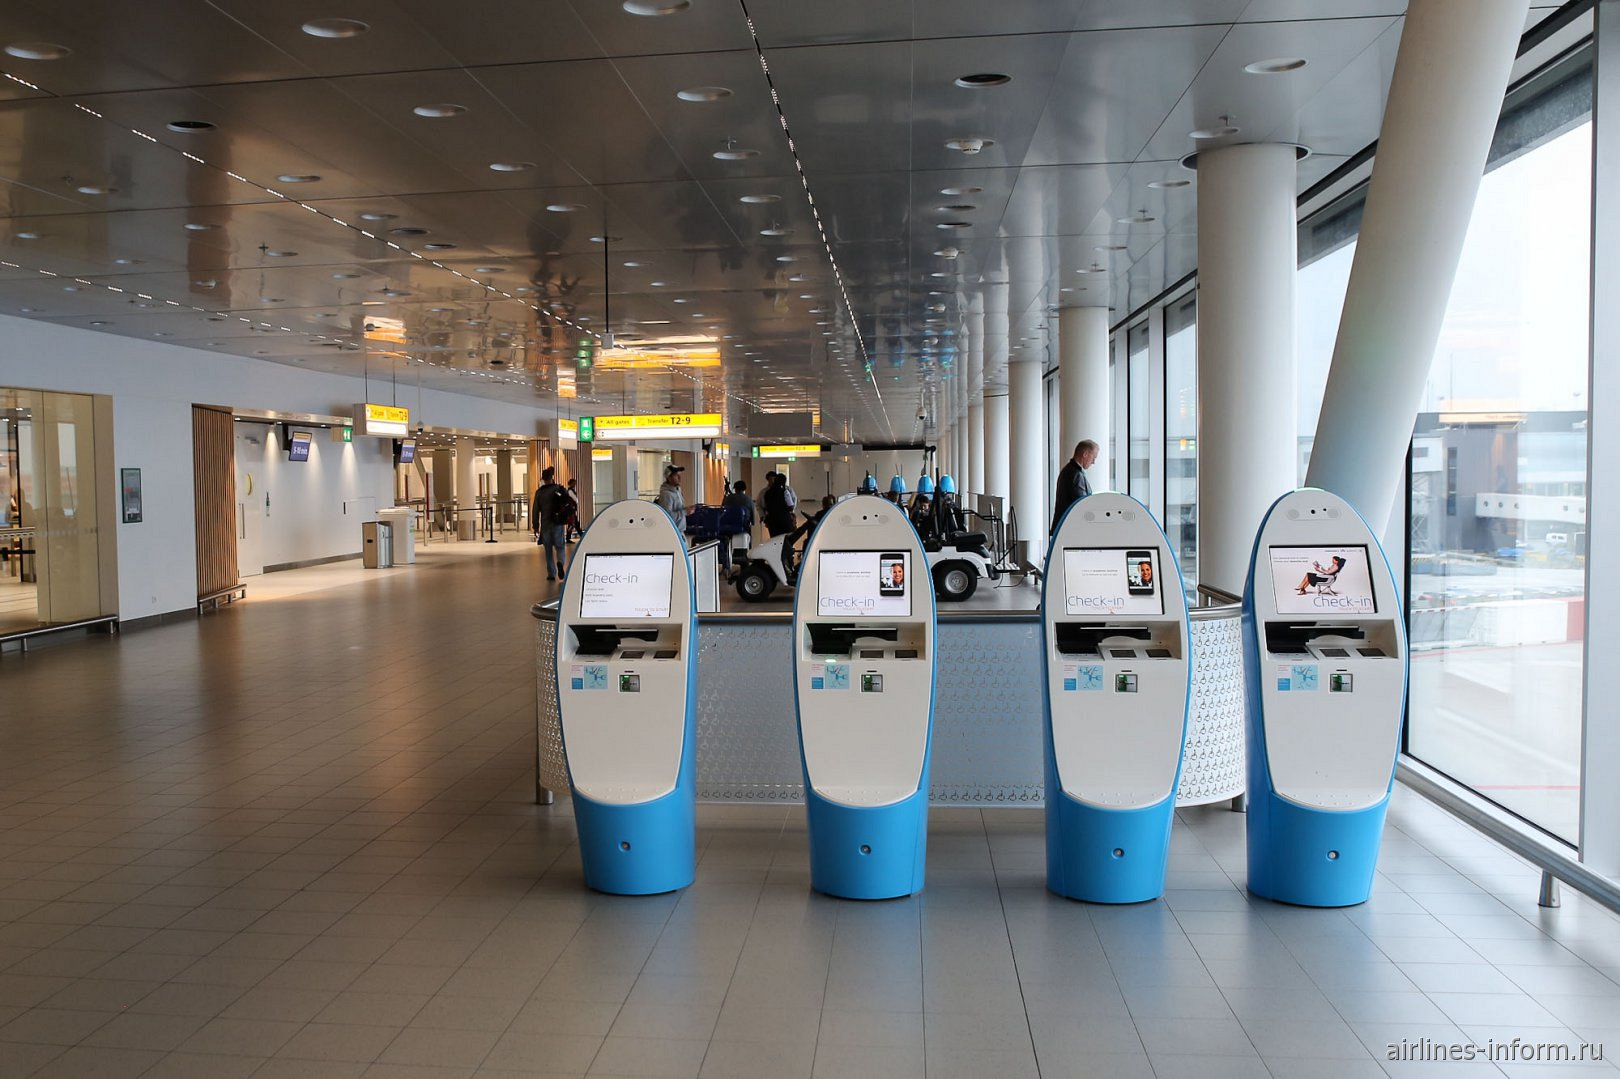 Автоматы для печати посадочных талонов в аэропорту Амстердам Схипхол